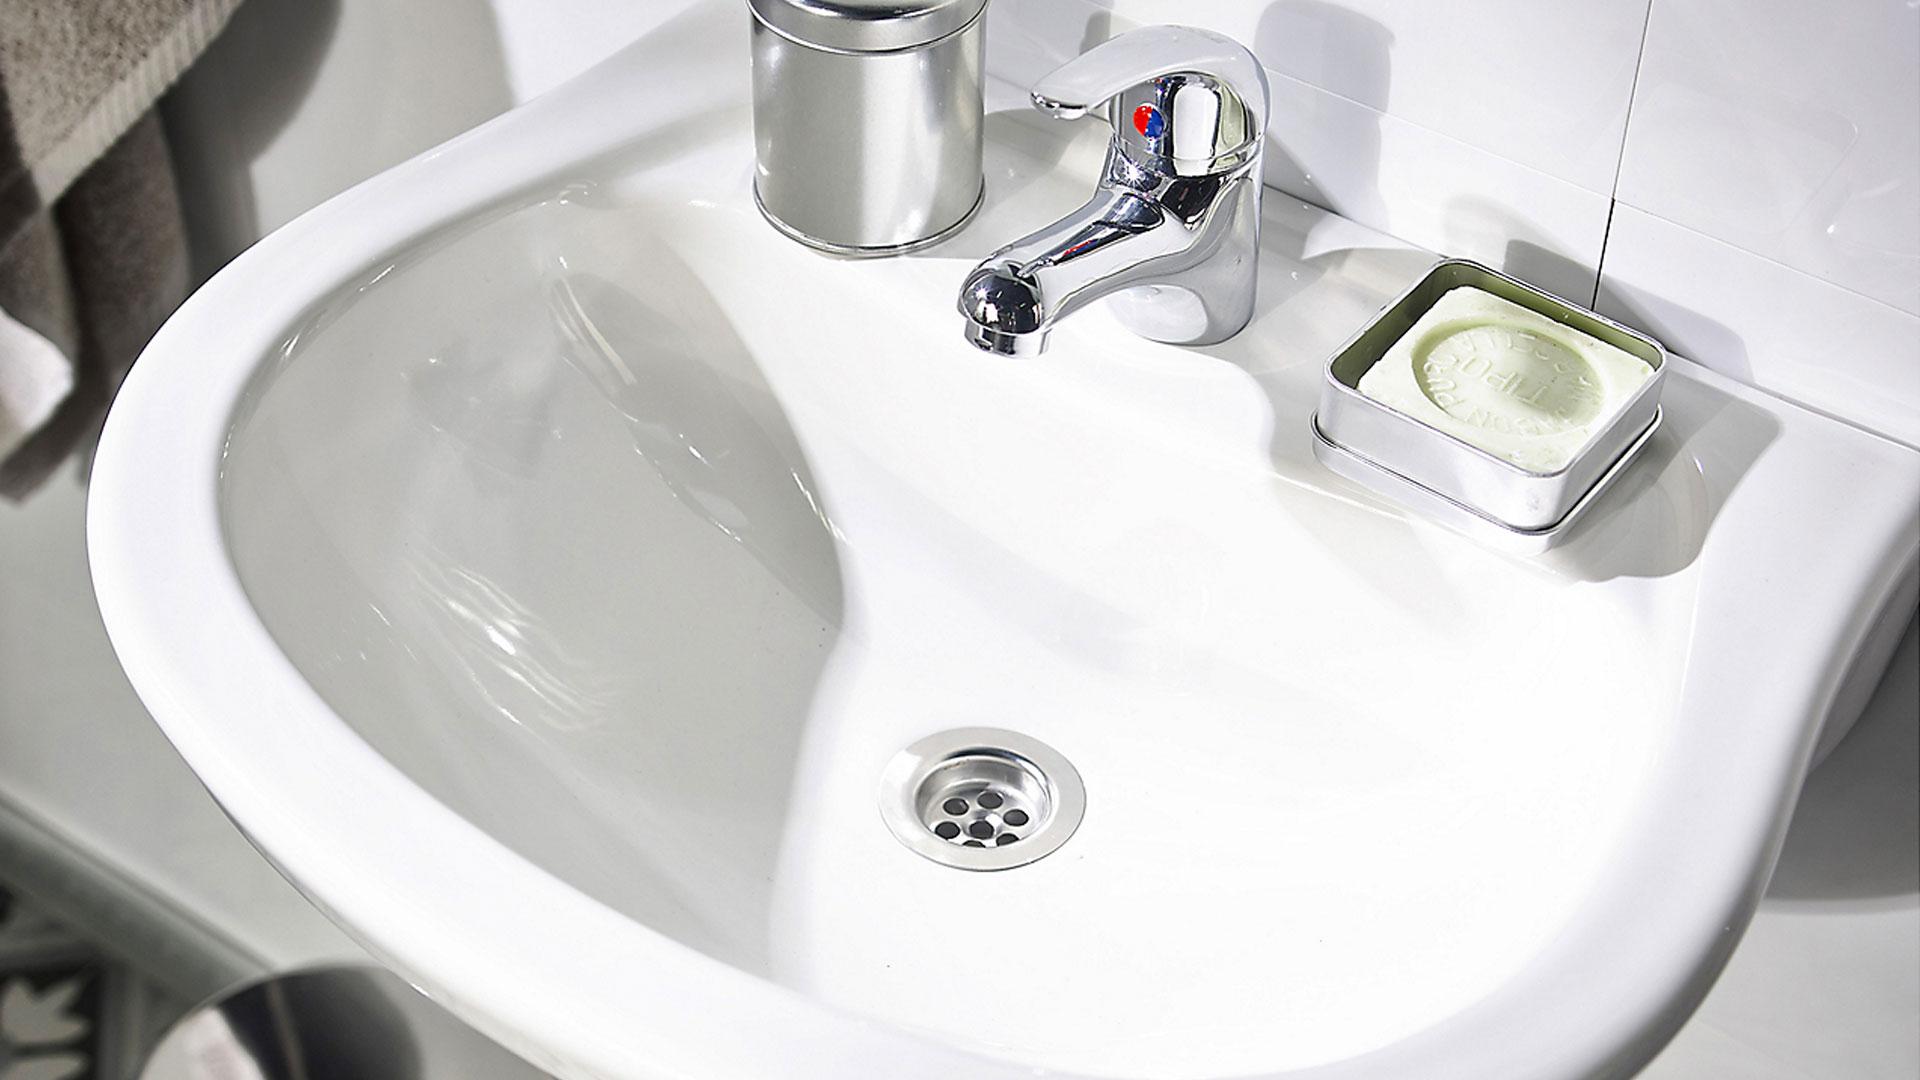 Hay diversas formas de destapar un lavatorio o lavamanos de forma efectiva, y que debieran resolver este problema tan común, sin necesidad de llamar a un gásfiter. Puede ser que sea necesario simplemente un sopapo, o que haya que recurrir a herramientas más especializadas.